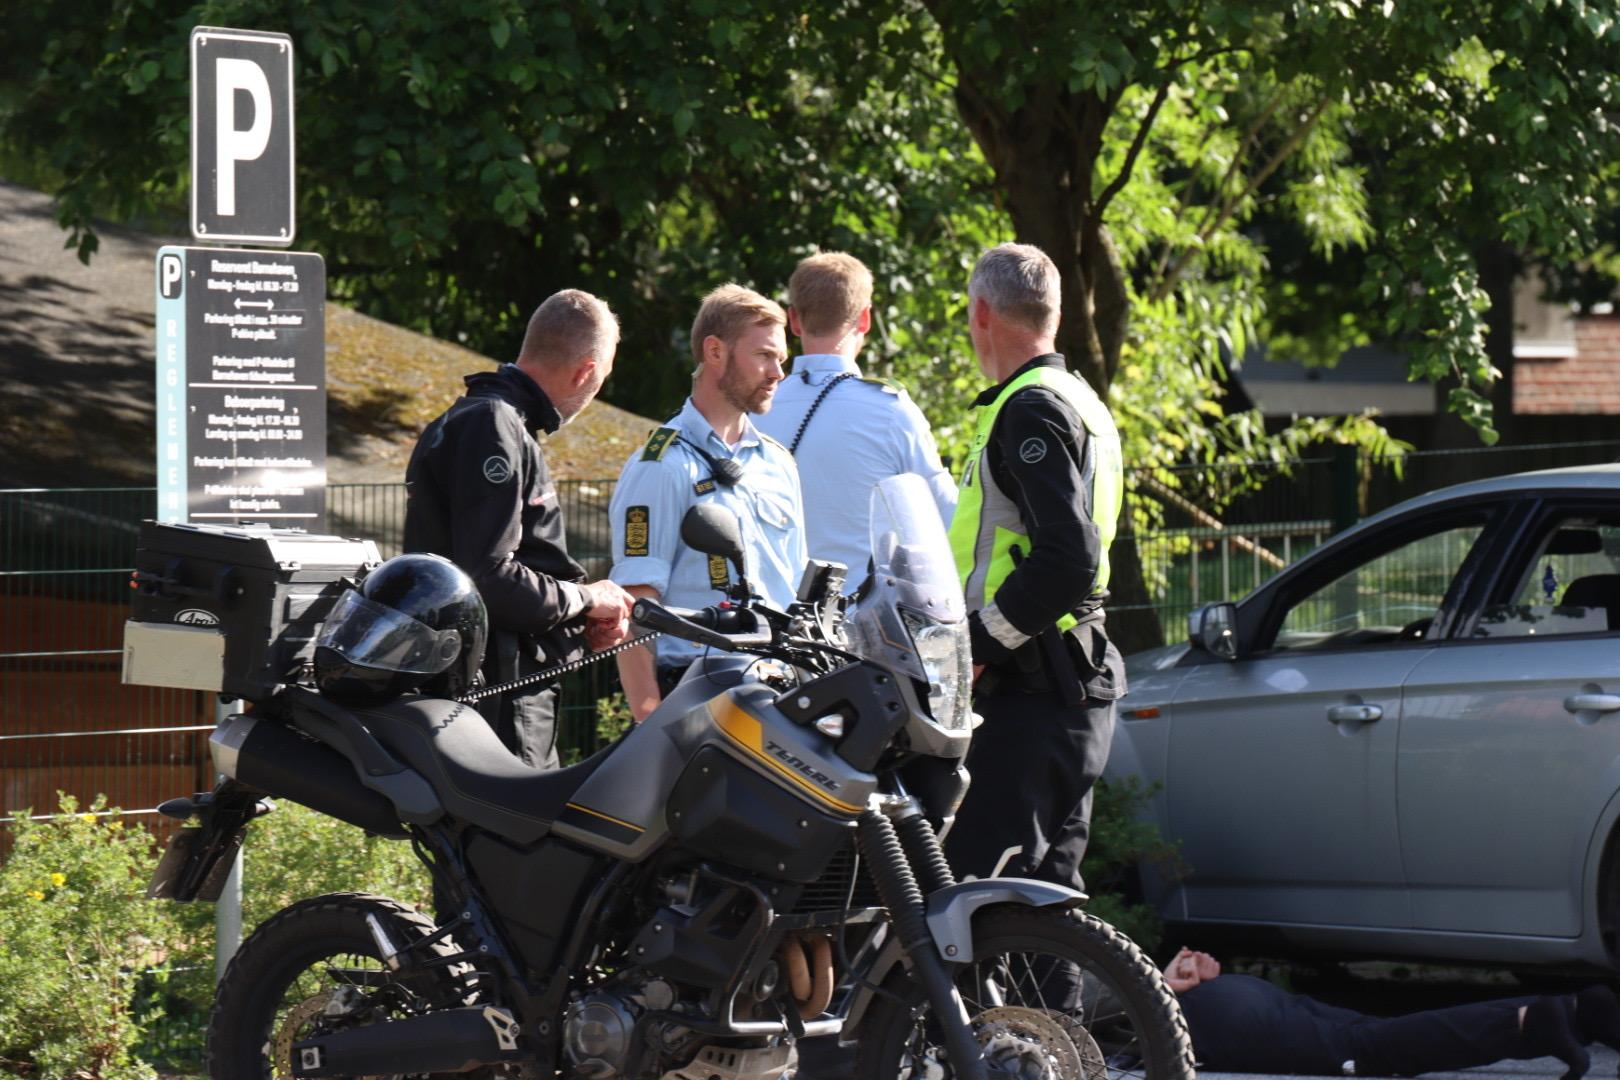 Biljagt i Aabyhøj - To anholdte